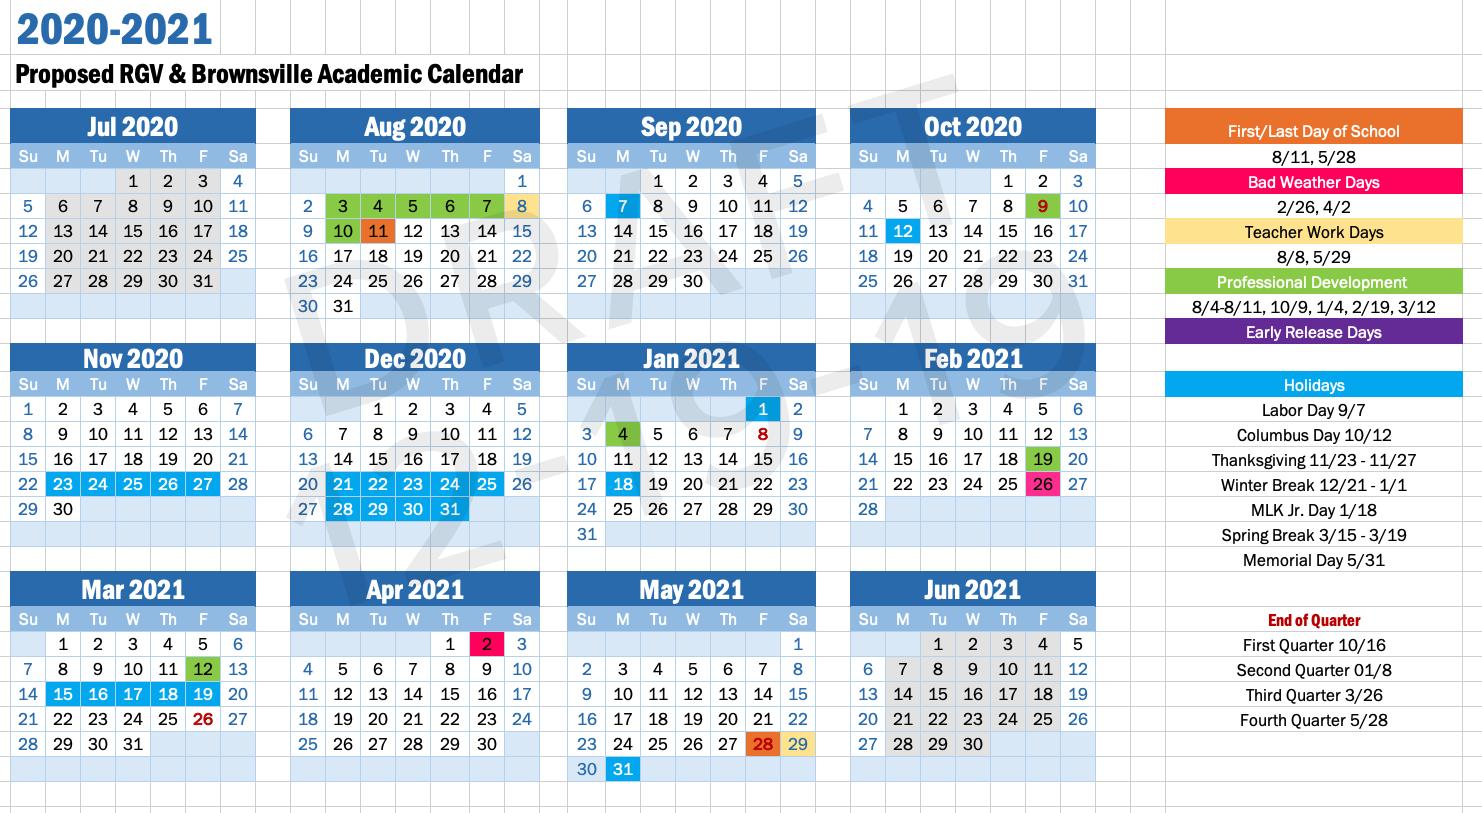 Academic Calendars Idea Public Schools